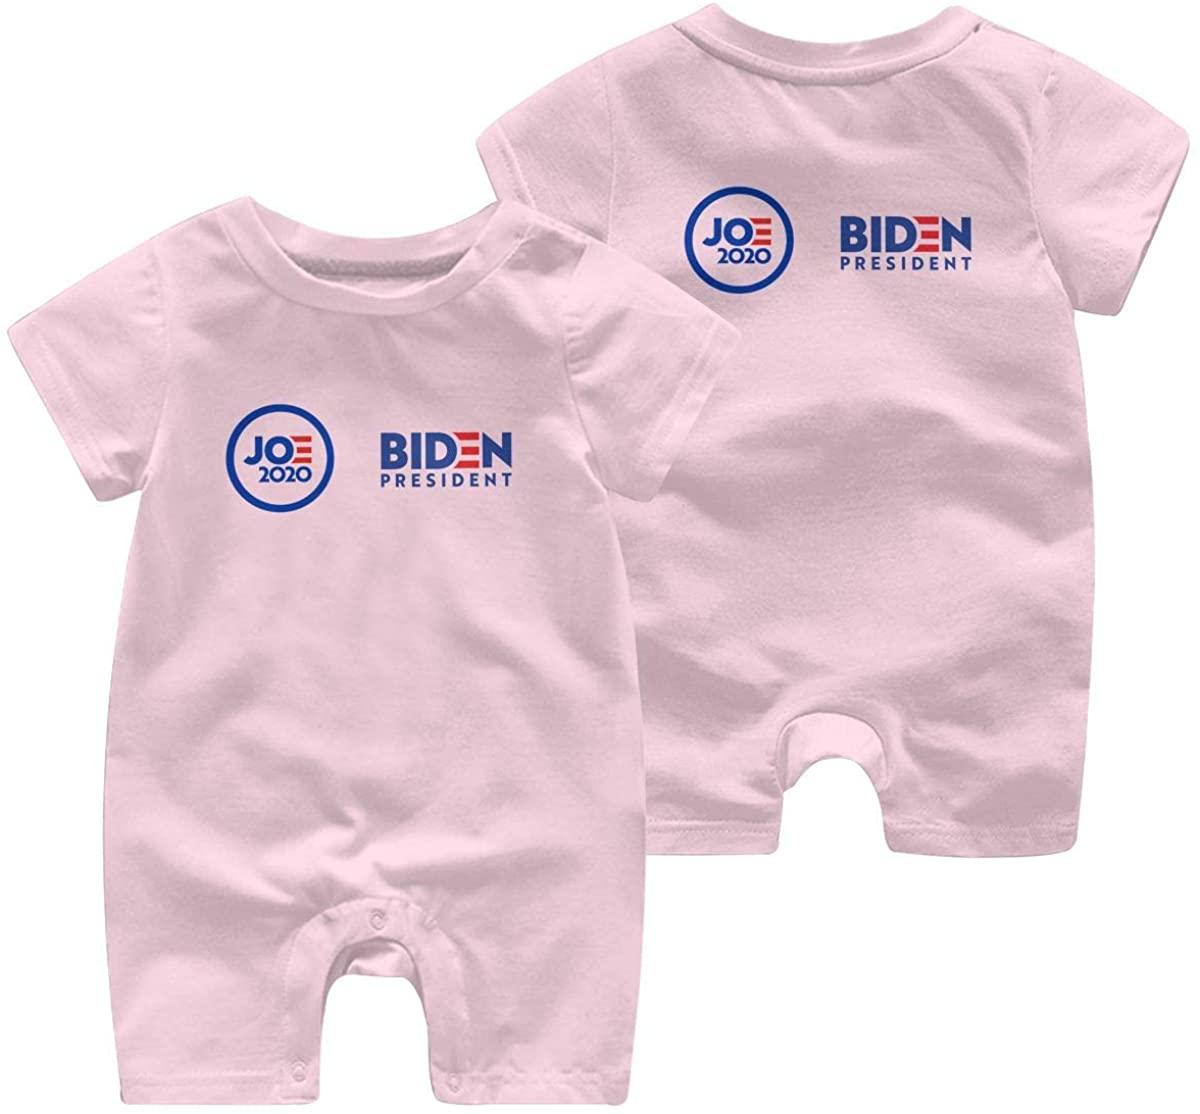 Joe Biden for President 2020 Leisure Baby Short Sleeve Jumpsuit Kid Baby Pajama Sleeper Romper Romper Jumpsuit